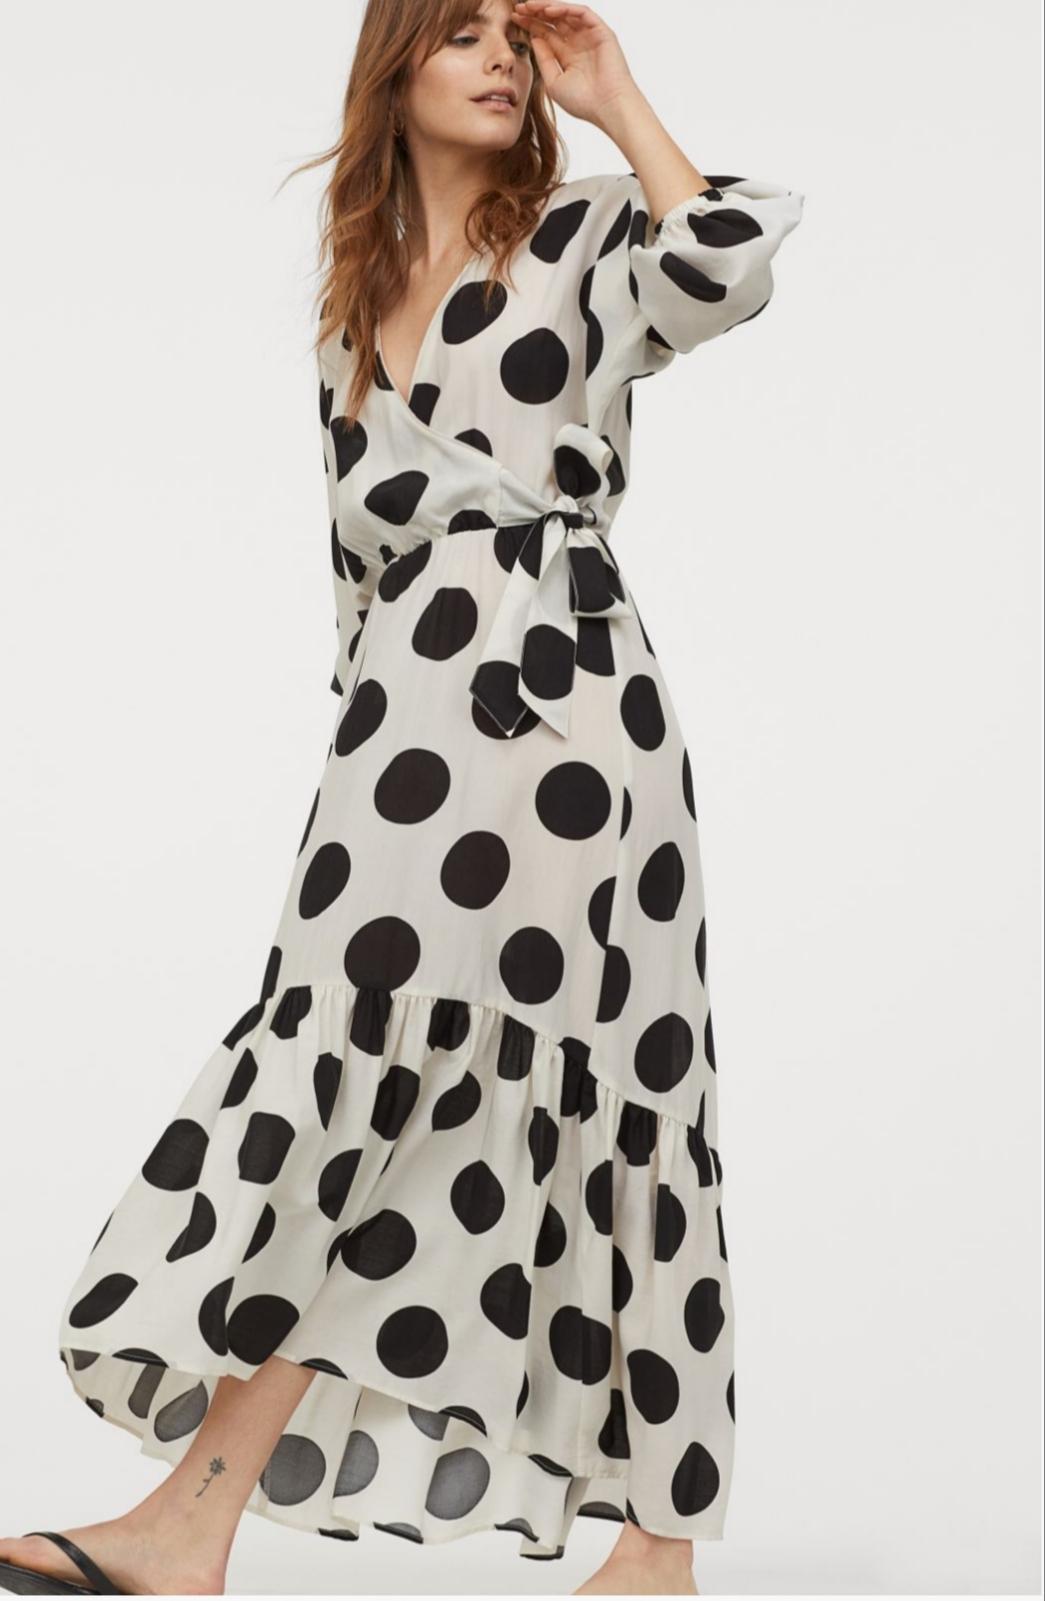 10 najljepših točkastih haljina